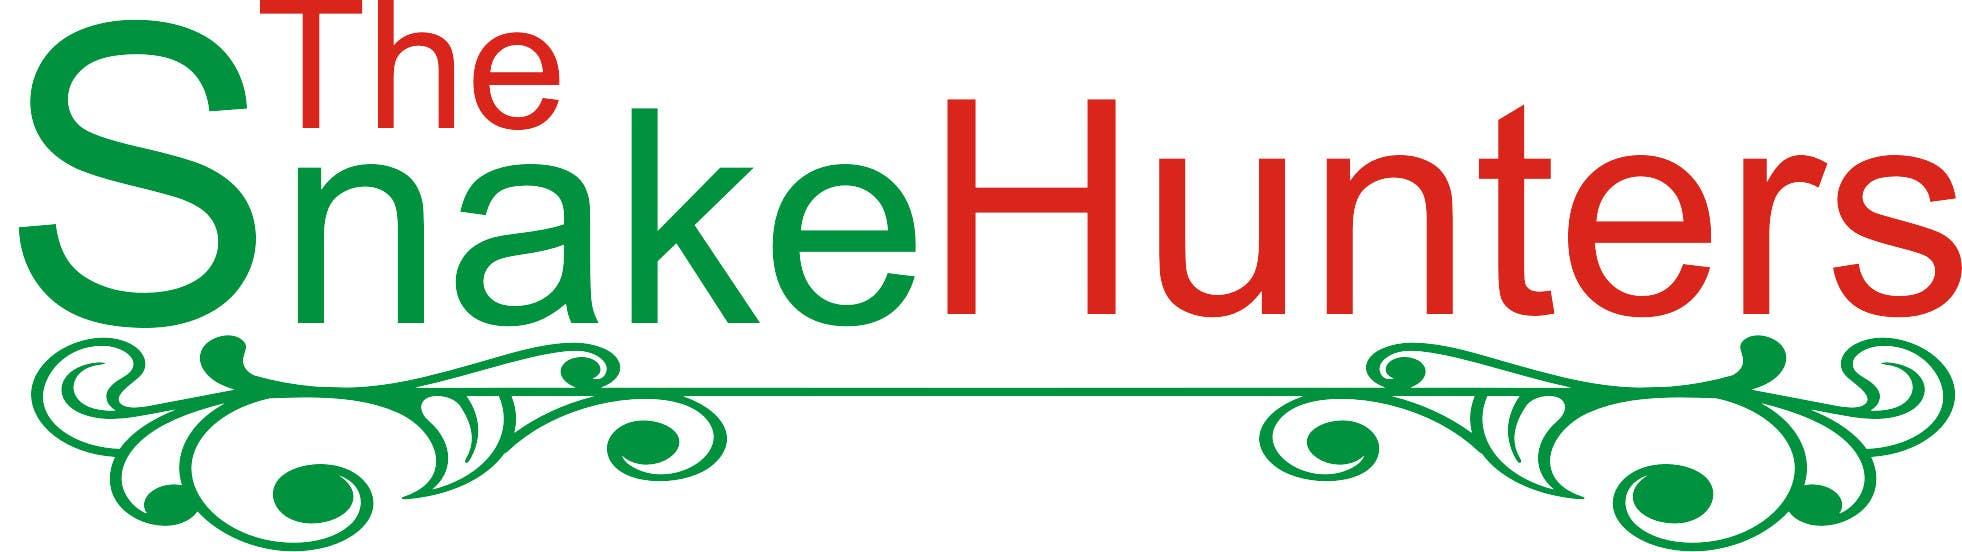 Penyertaan Peraduan #                                        38                                      untuk                                         Design a Logo for The Snake Hunters